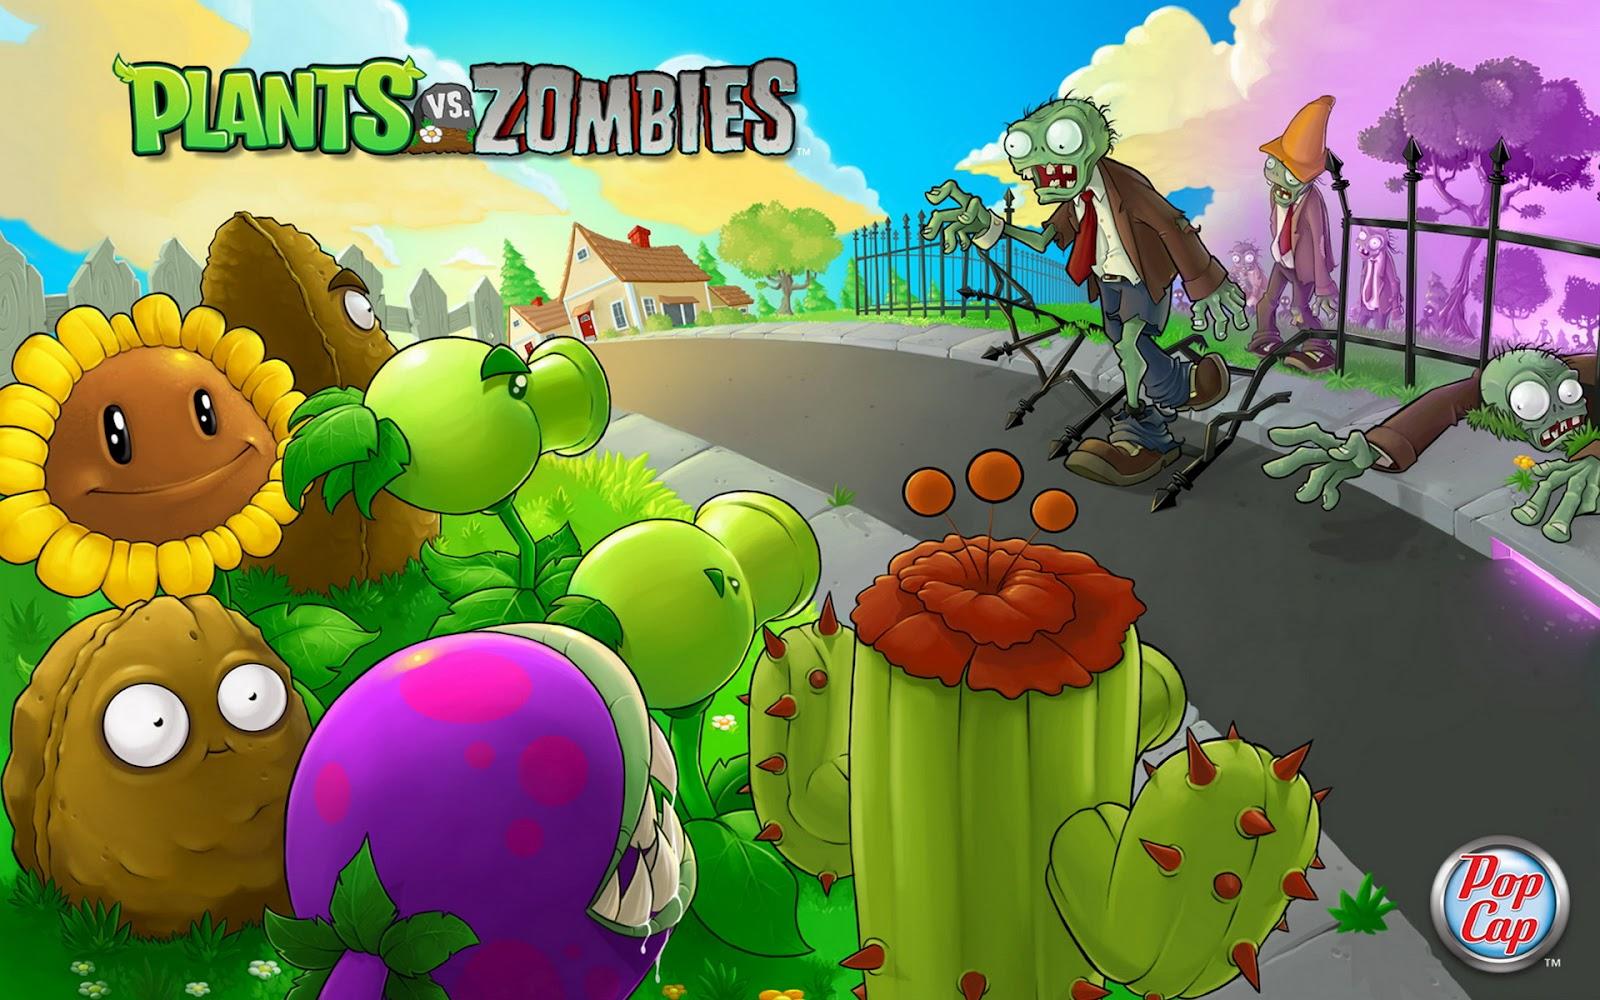 http://1.bp.blogspot.com/-rZUDJ8JD_6I/T4pJ2plo5xI/AAAAAAAAAEA/-XB_cIkfCew/s1600/plants_vs__zombies-wide.jpg